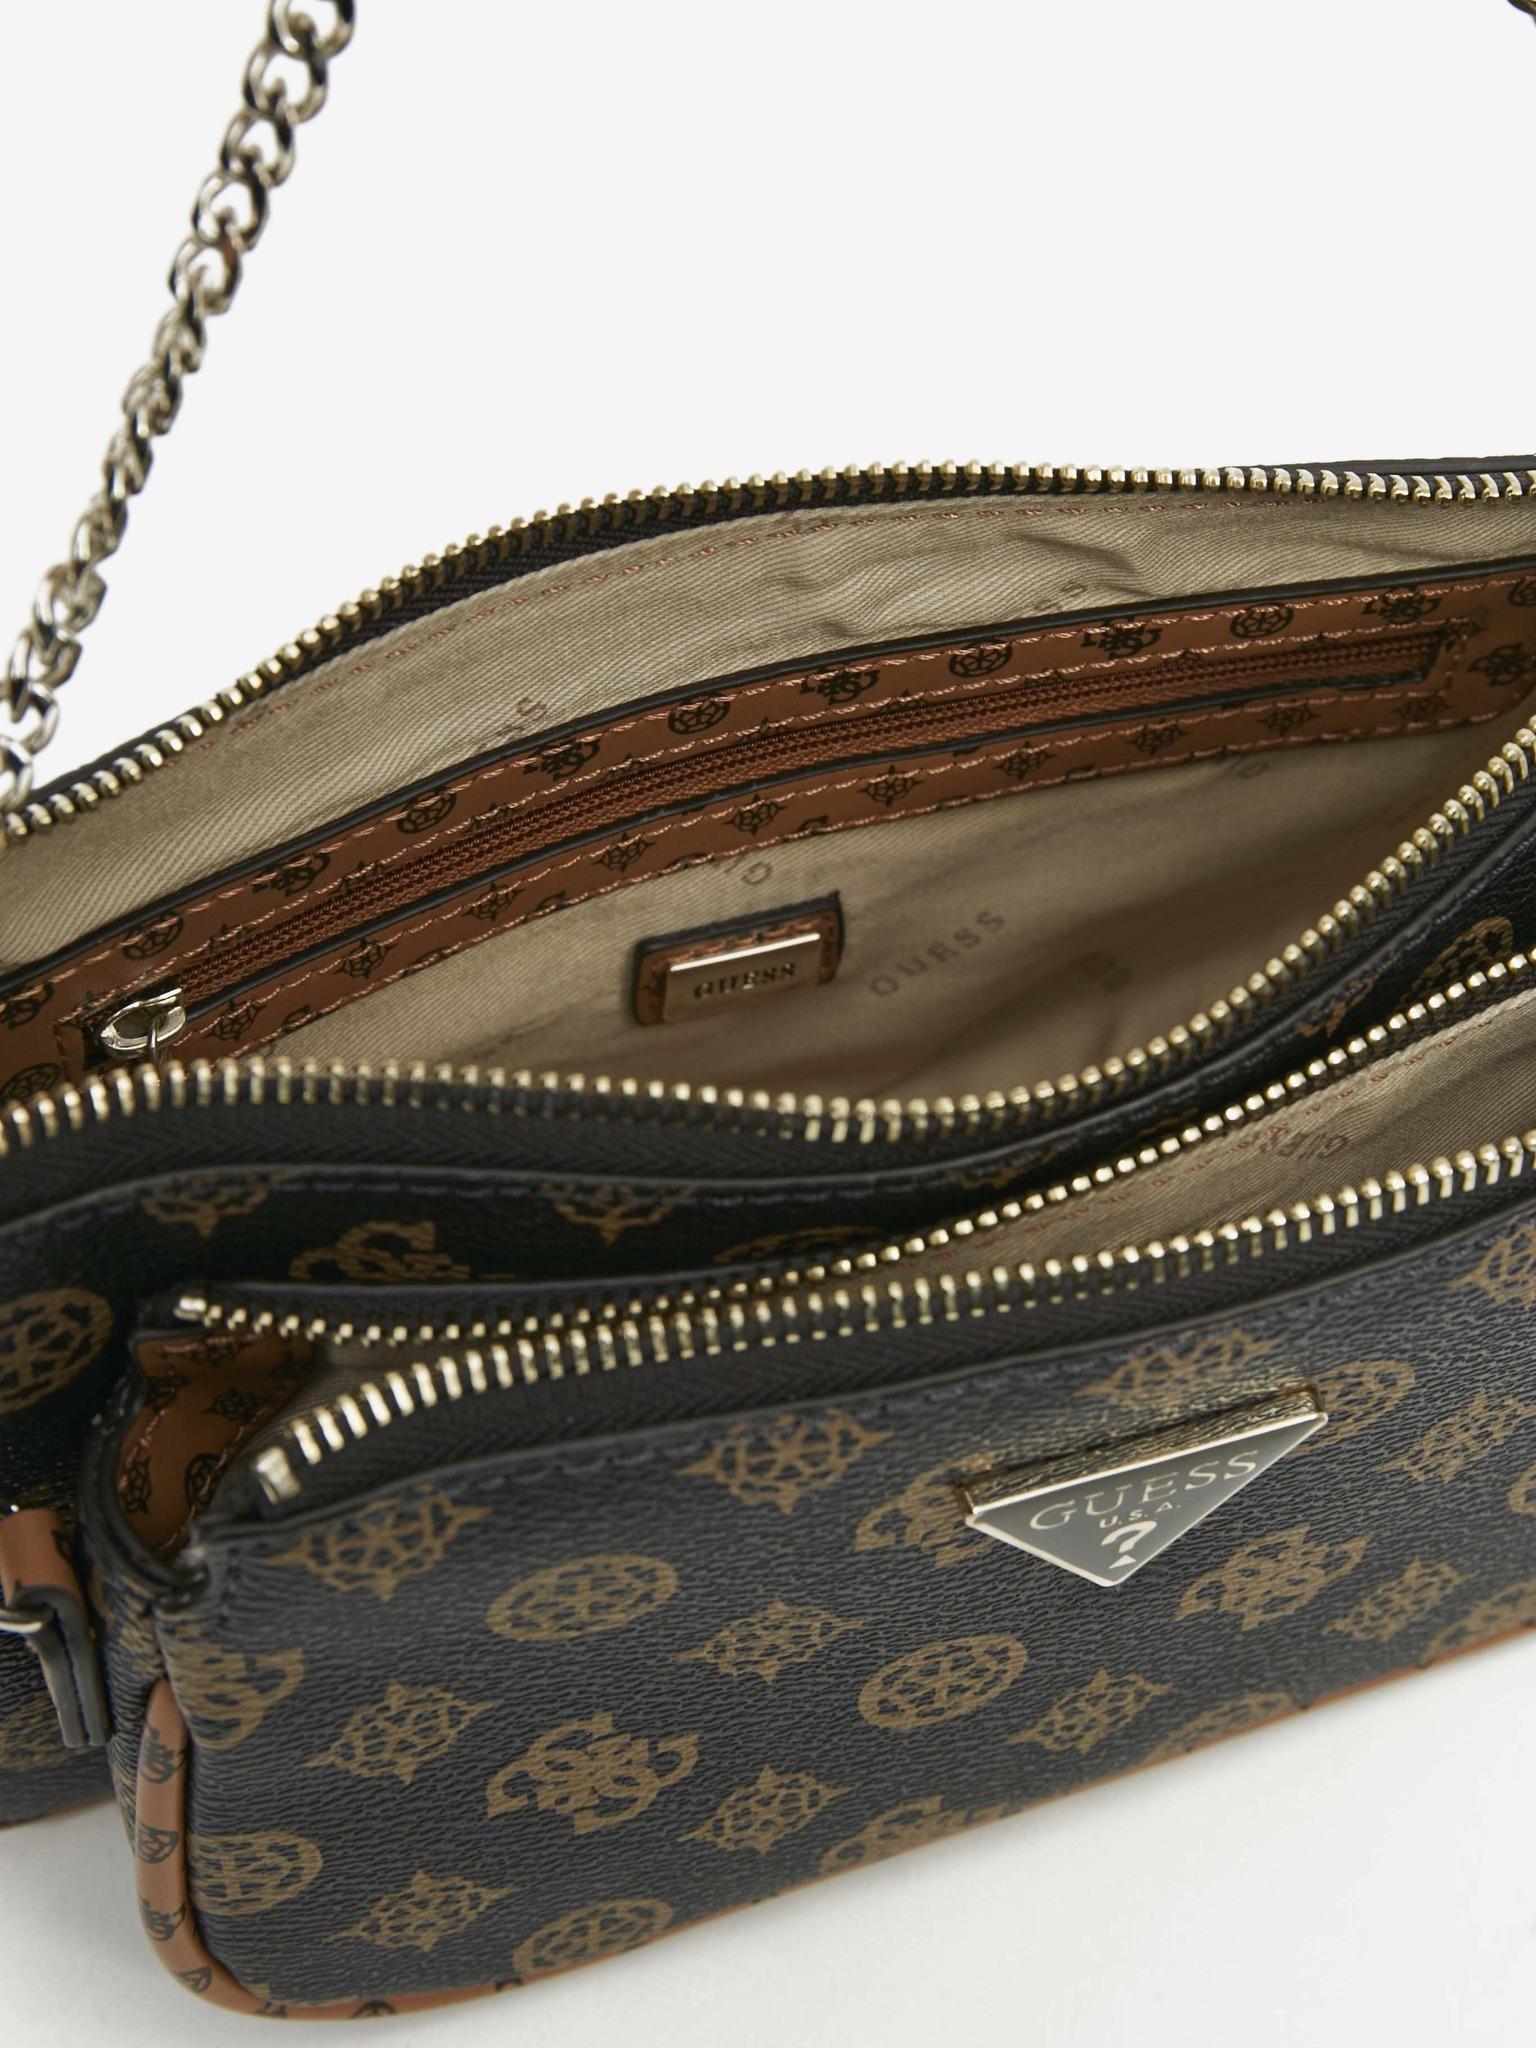 Arie Cross чанта за тяло Guess